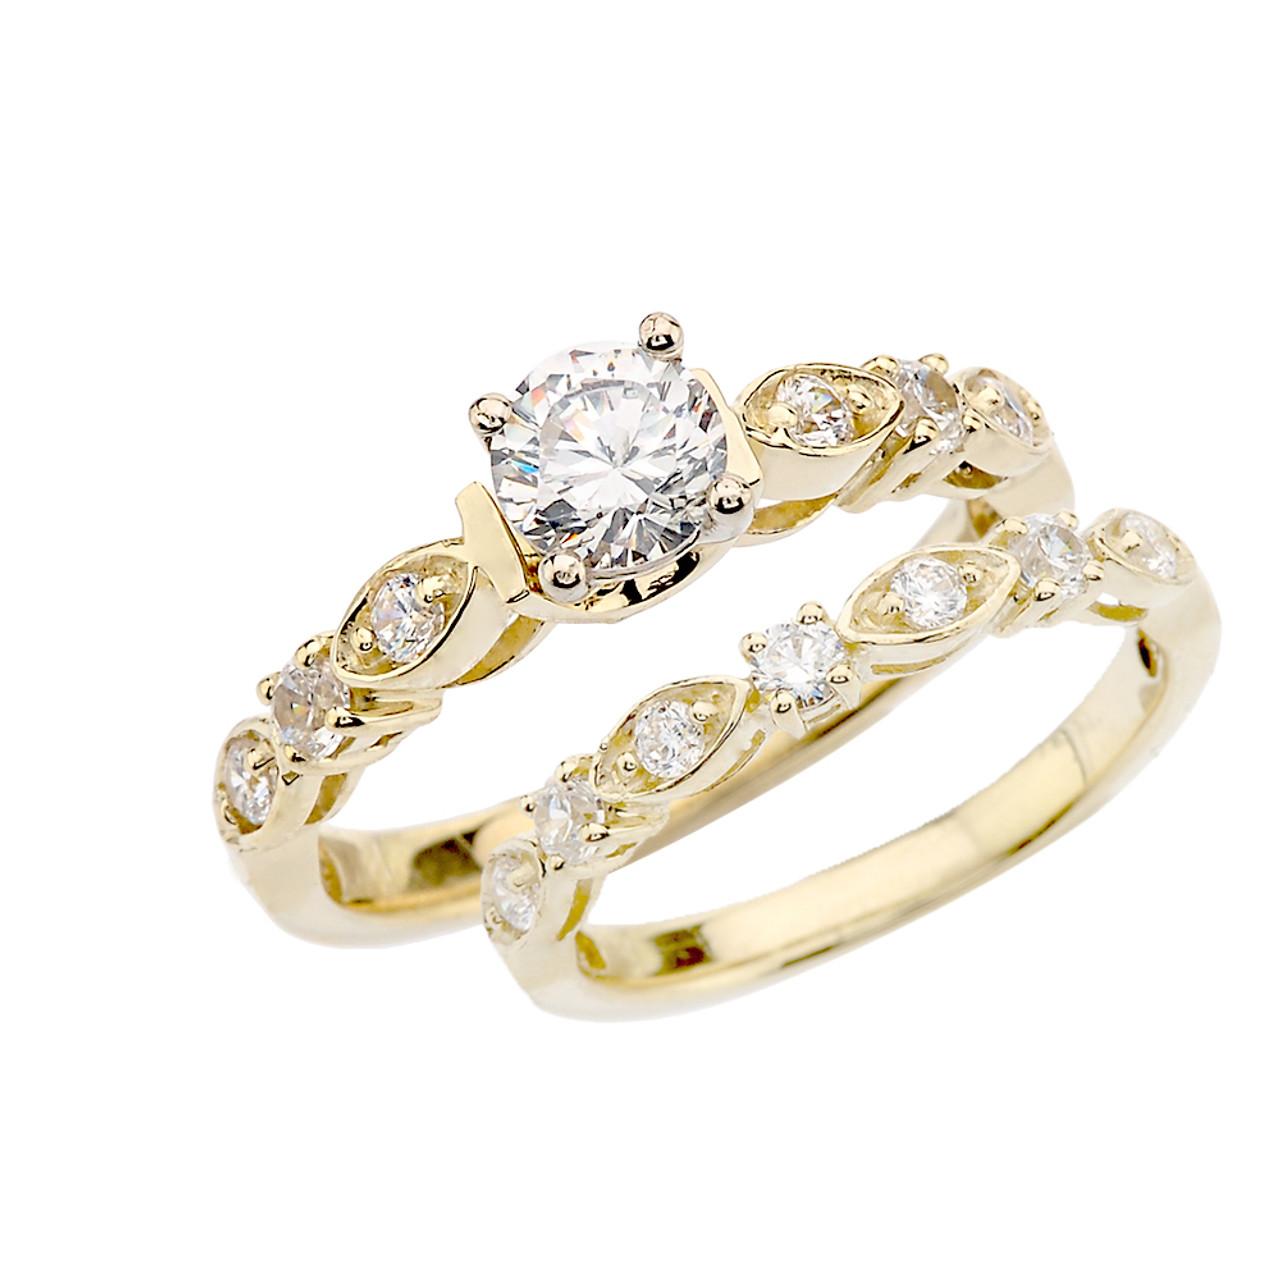 Yellow Gold Diamond Wedding Ring Set With White Topaz Center Stone